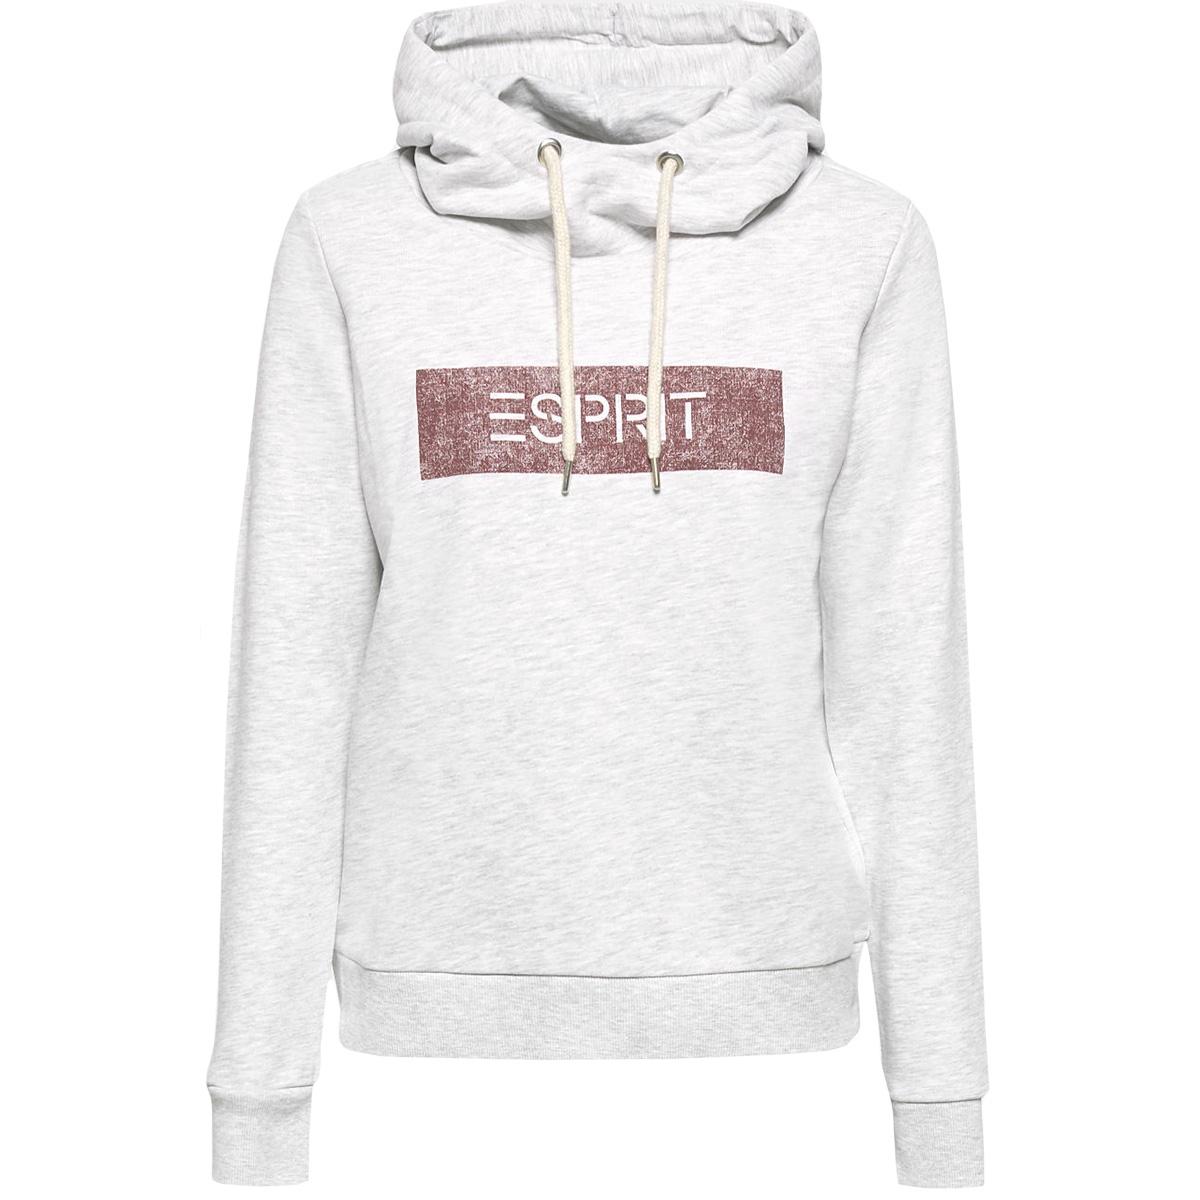 gemeleerde jersey hoody 089ee1j012 esprit sweater e044